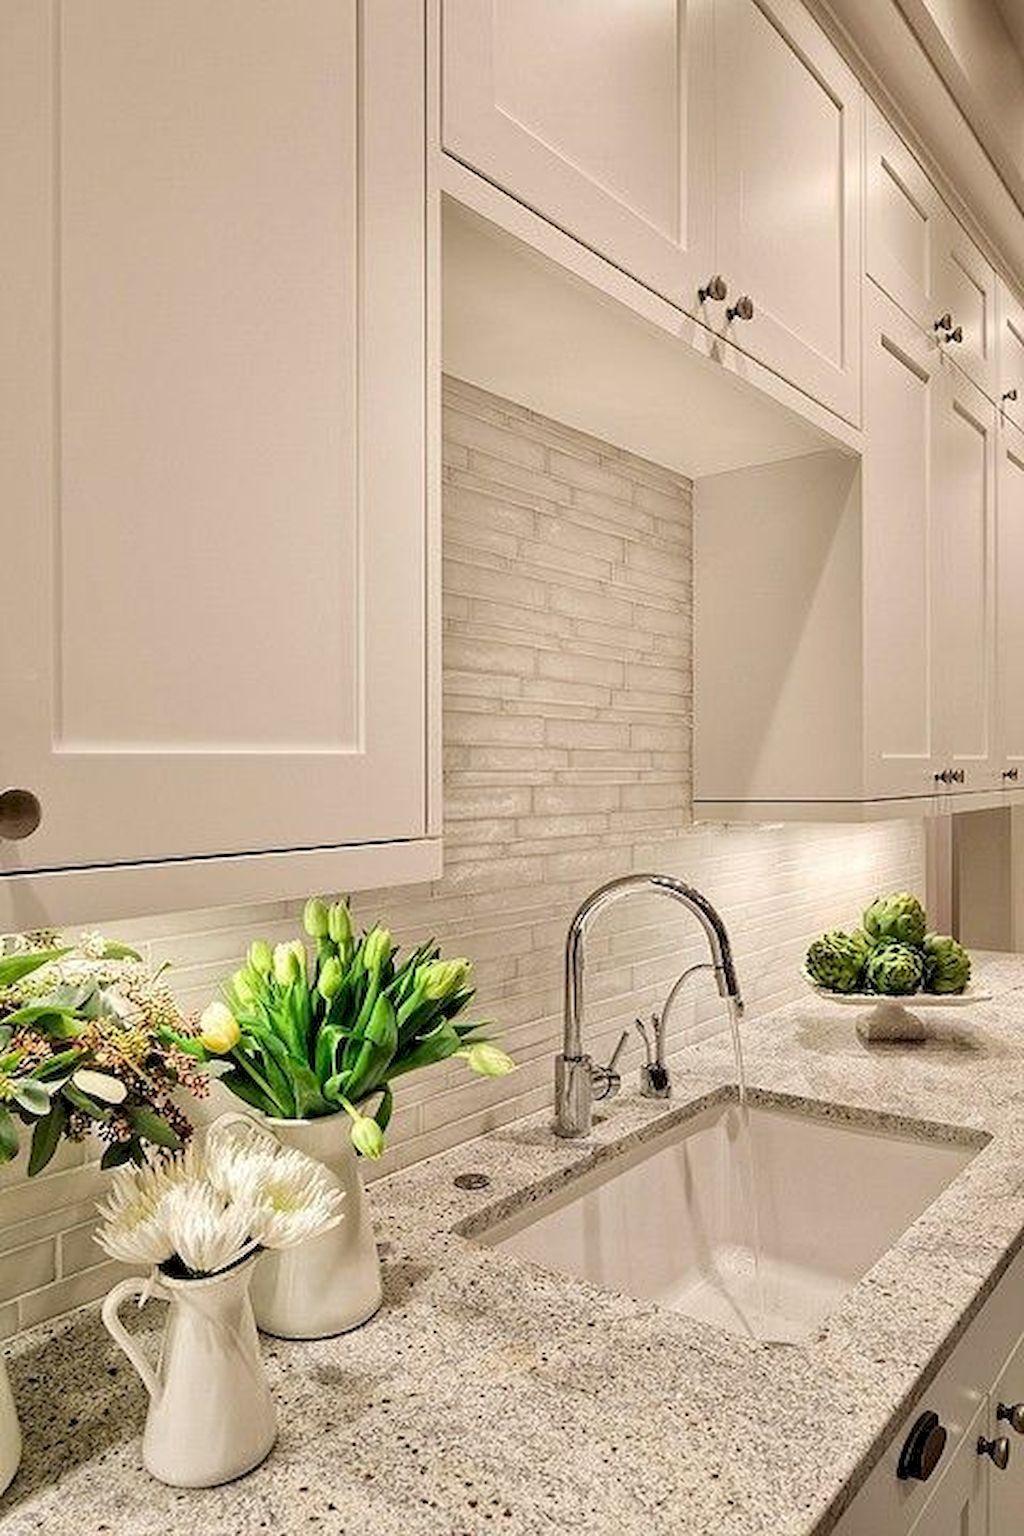 Kitchen Sink089